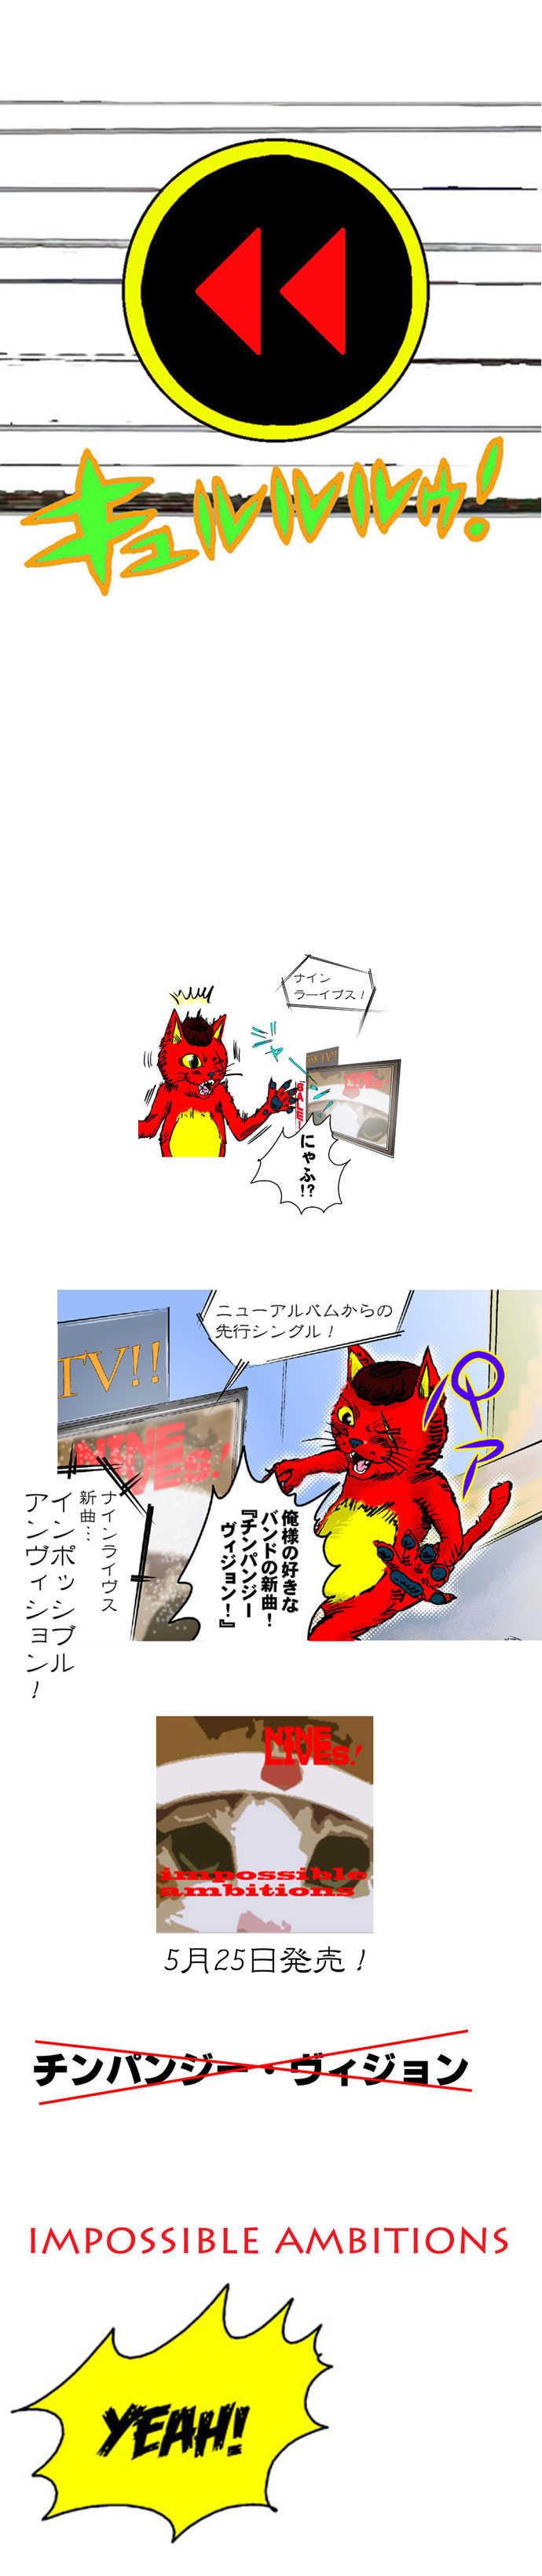 第七話 赤い猫サスペンダーの野望